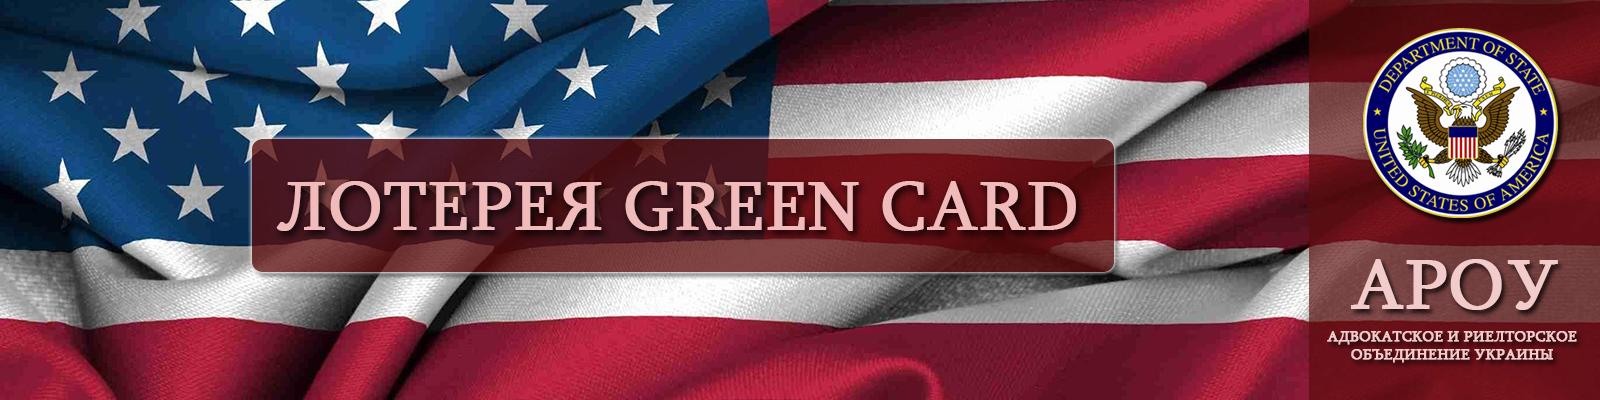 Green card winner statistics